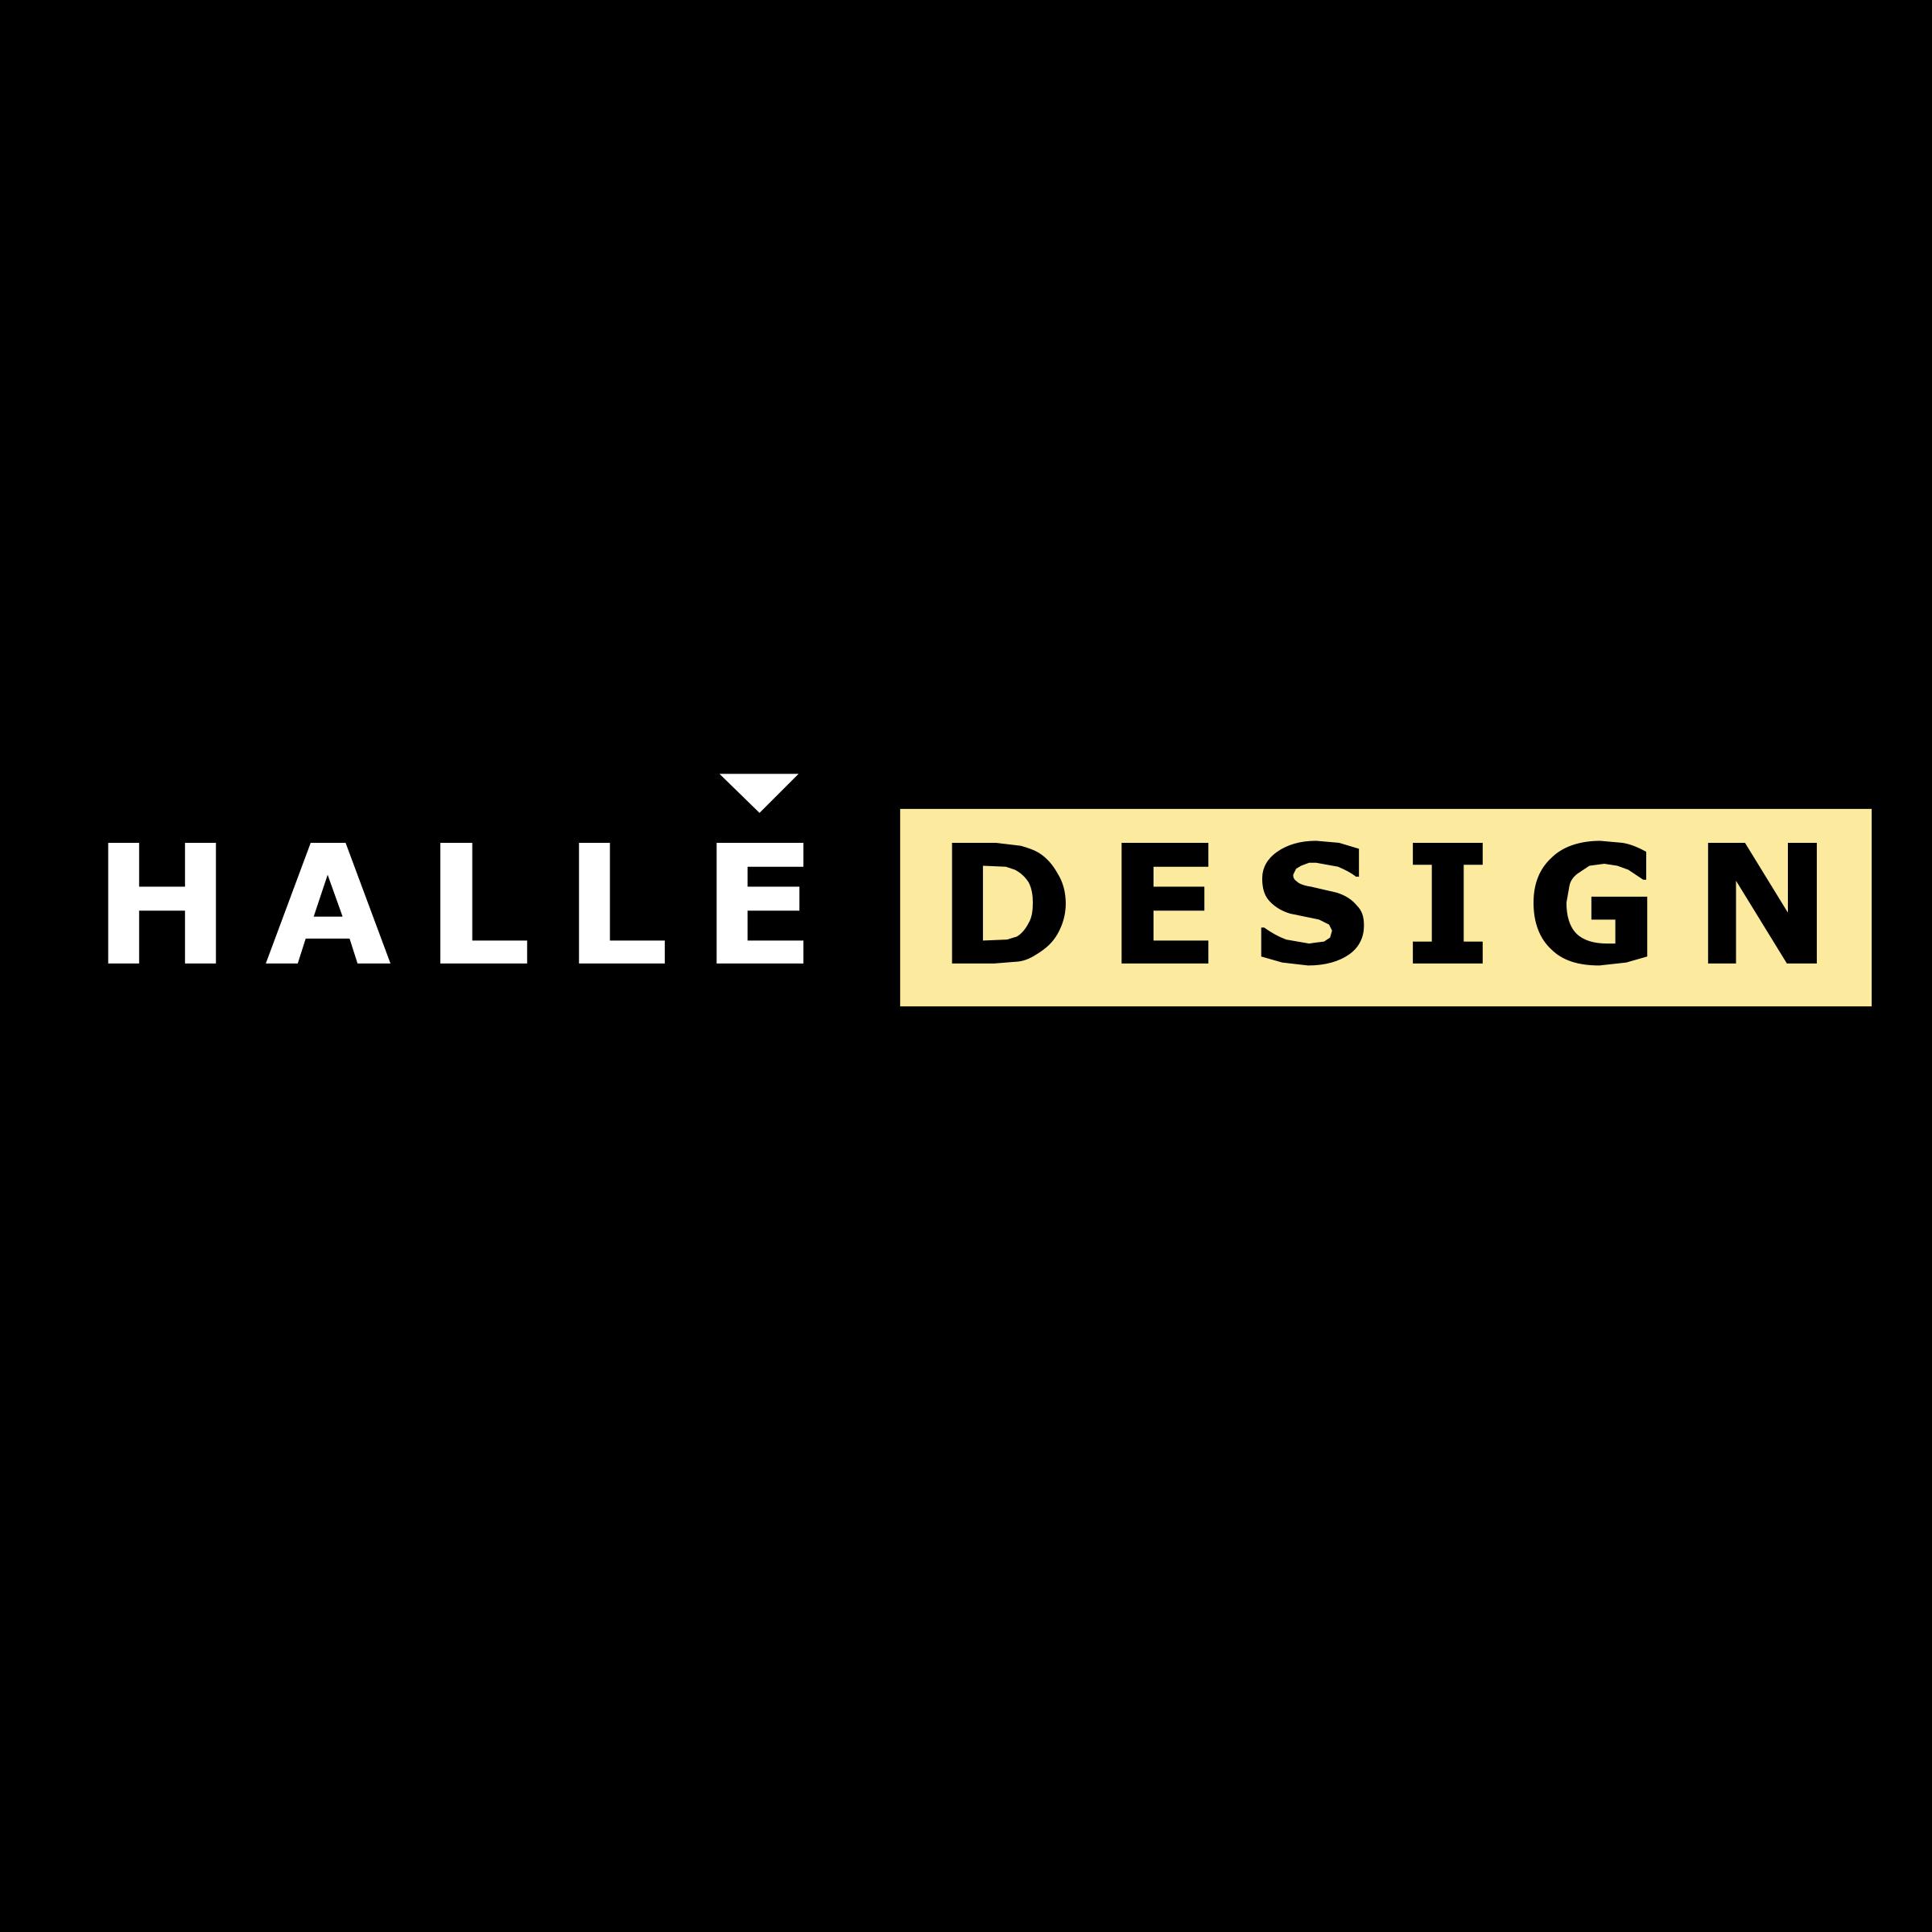 Halle Design Logo PNG Transparent & SVG Vector - Freebie Supply